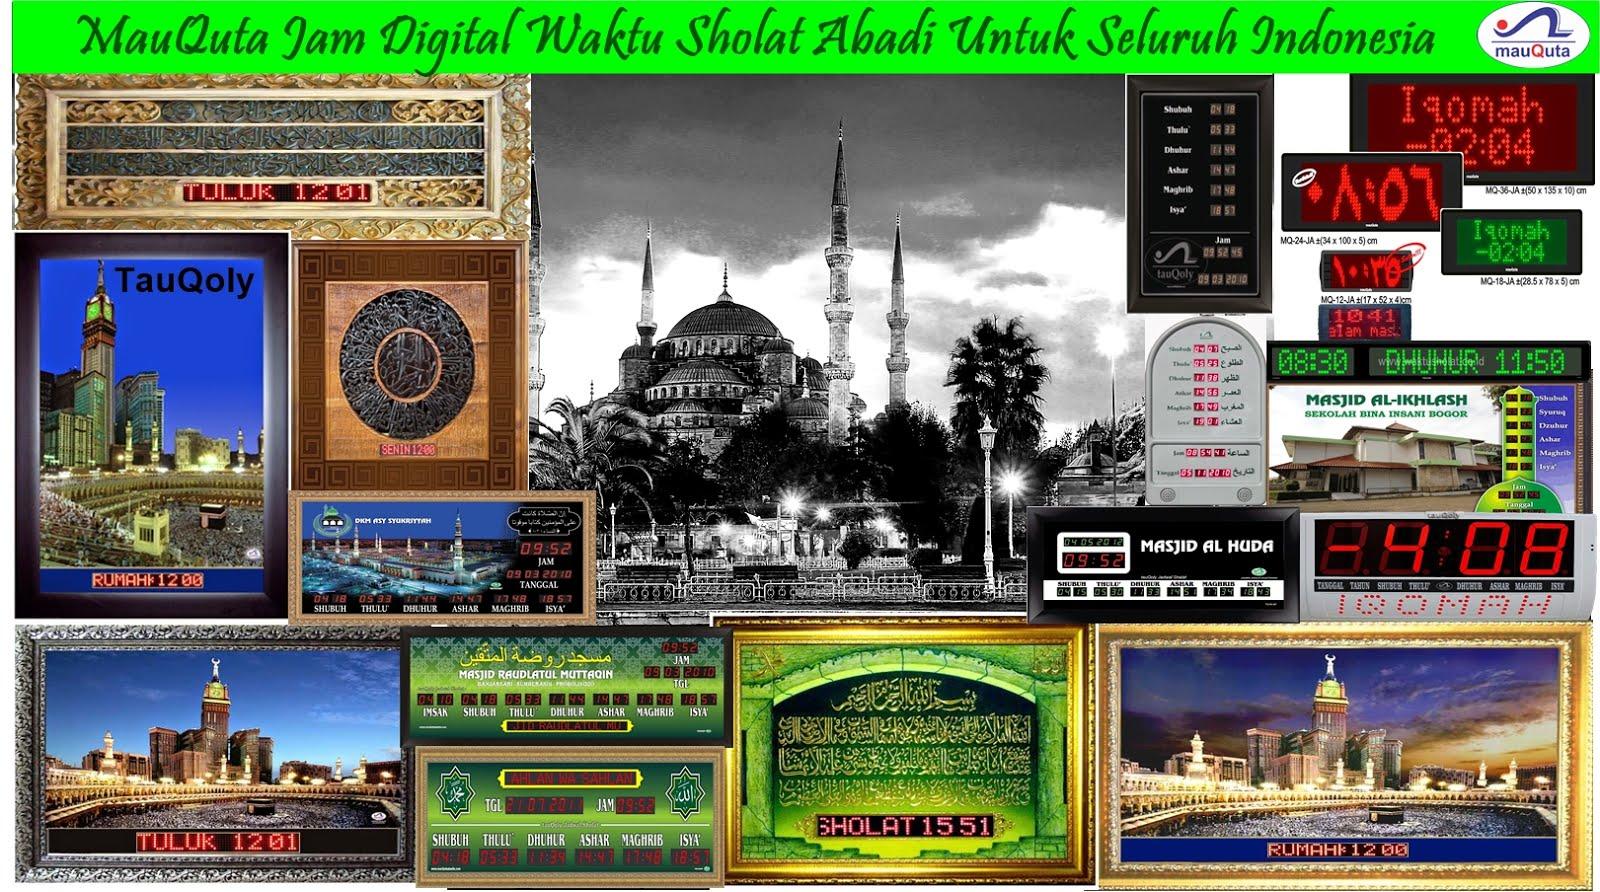 Jam Adzan Mauquta - Elektronik Jadwal Sholat